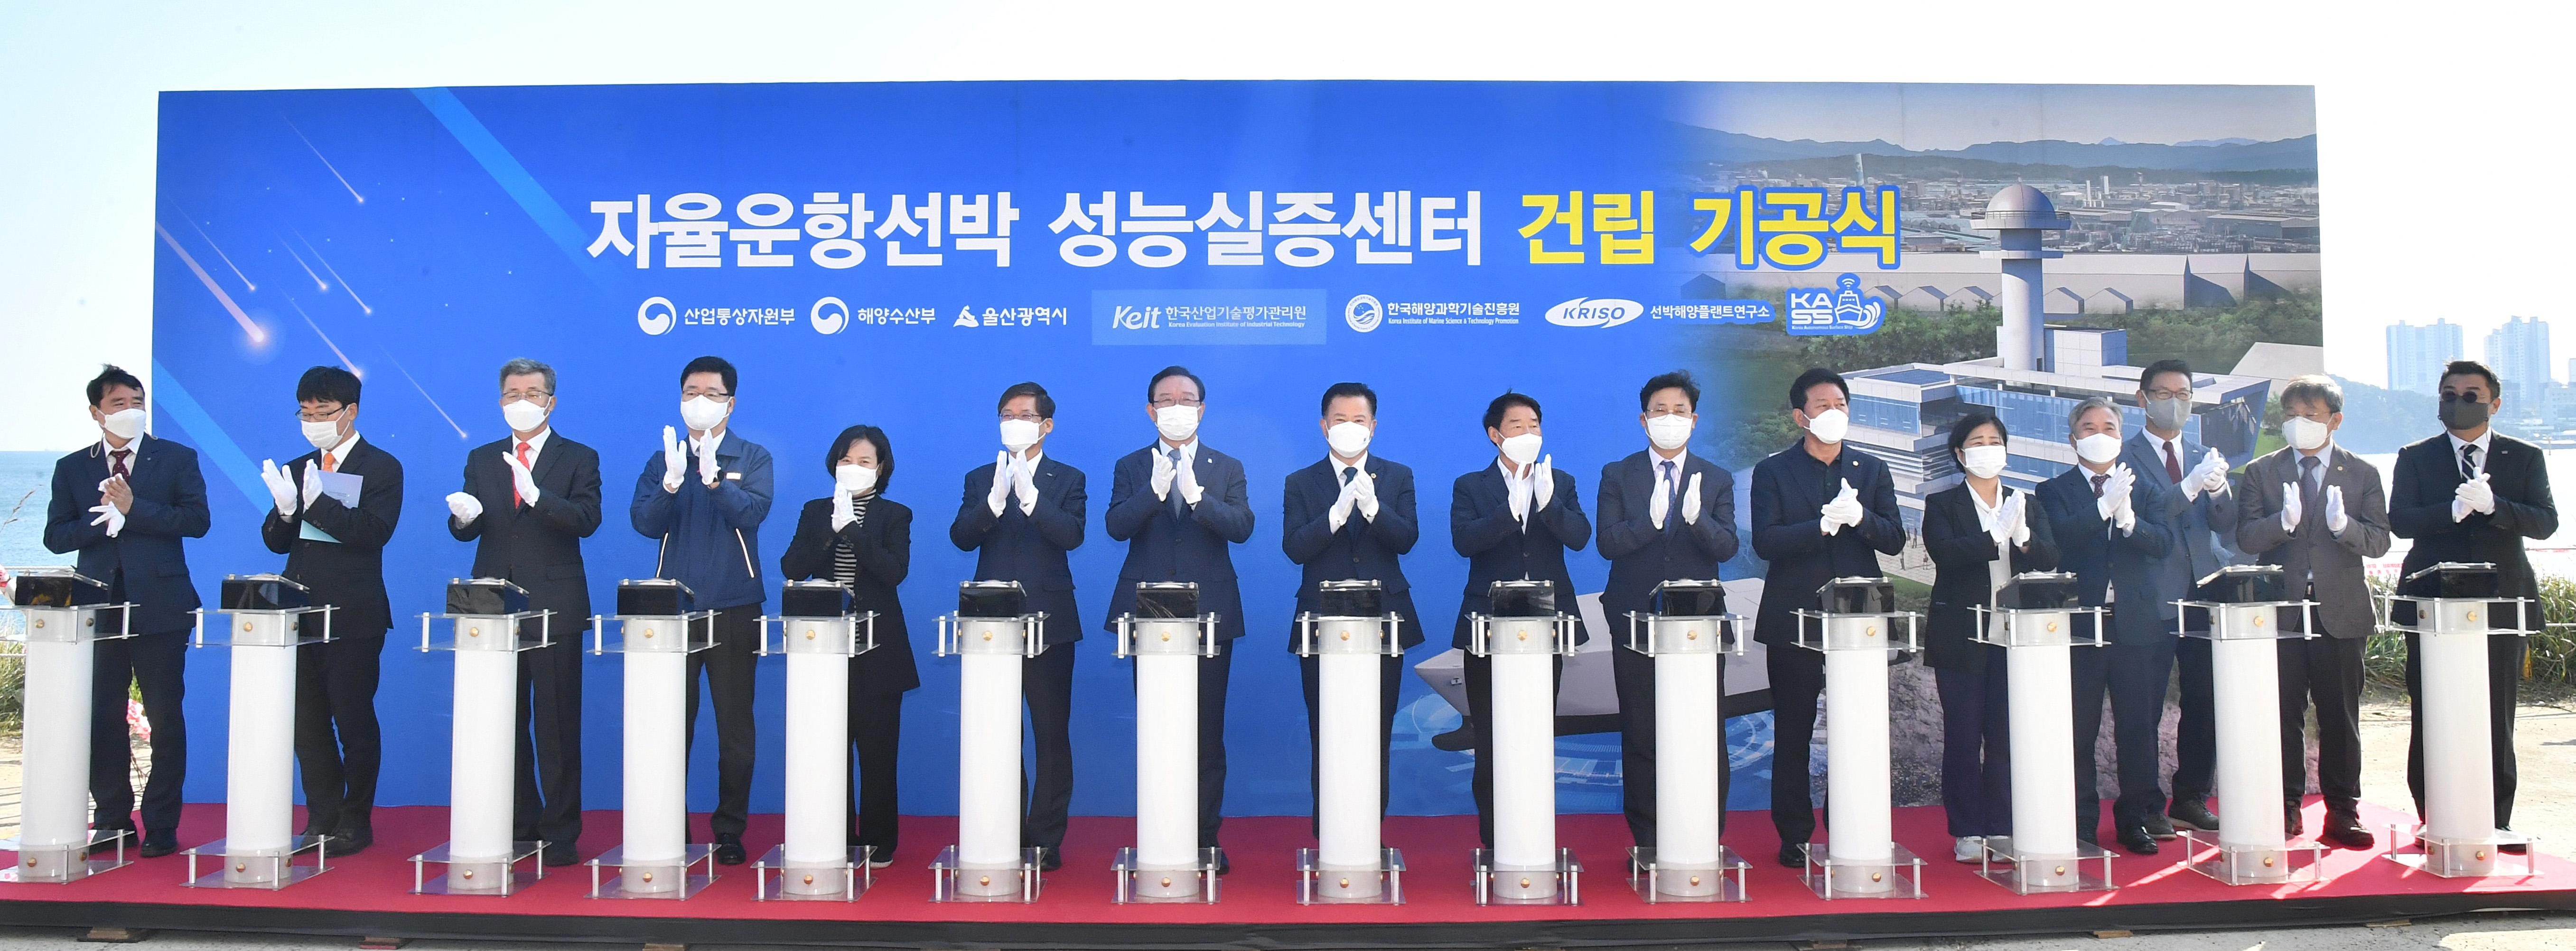 울산 자율운항선박 성능실증센터 첫삽… 조선해양산업 성장동력 창출 기대